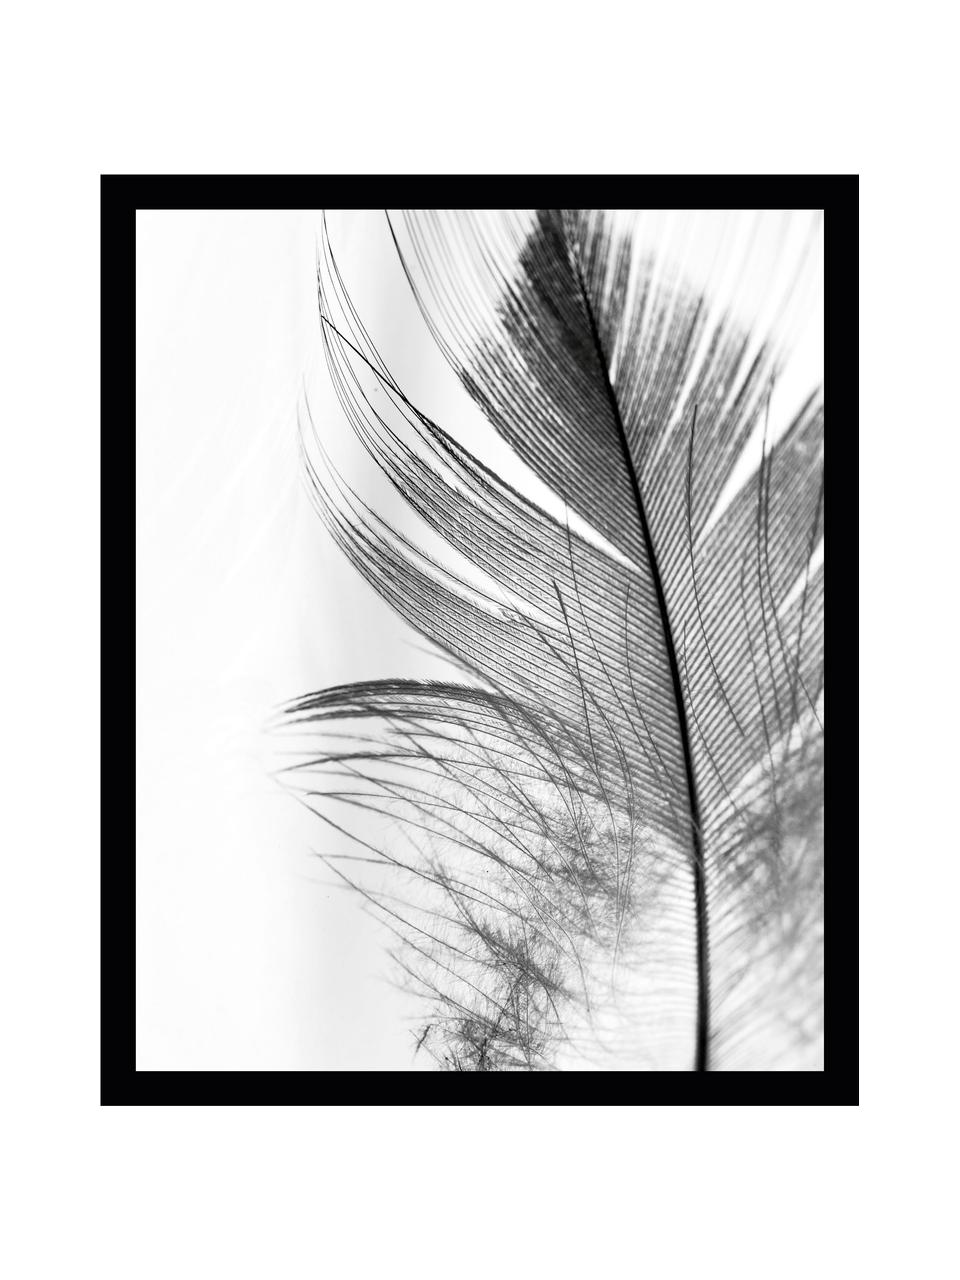 Gerahmter Digitaldruck Feather, Bild: Digitaldruck auf Papier, Rahmen: Kunststoff (PU), Front: Glas, Rückseite: Mitteldichte Faserplatte , Bild: Schwarz, WeißRahmen: Schwarz, 30 x 40 cm